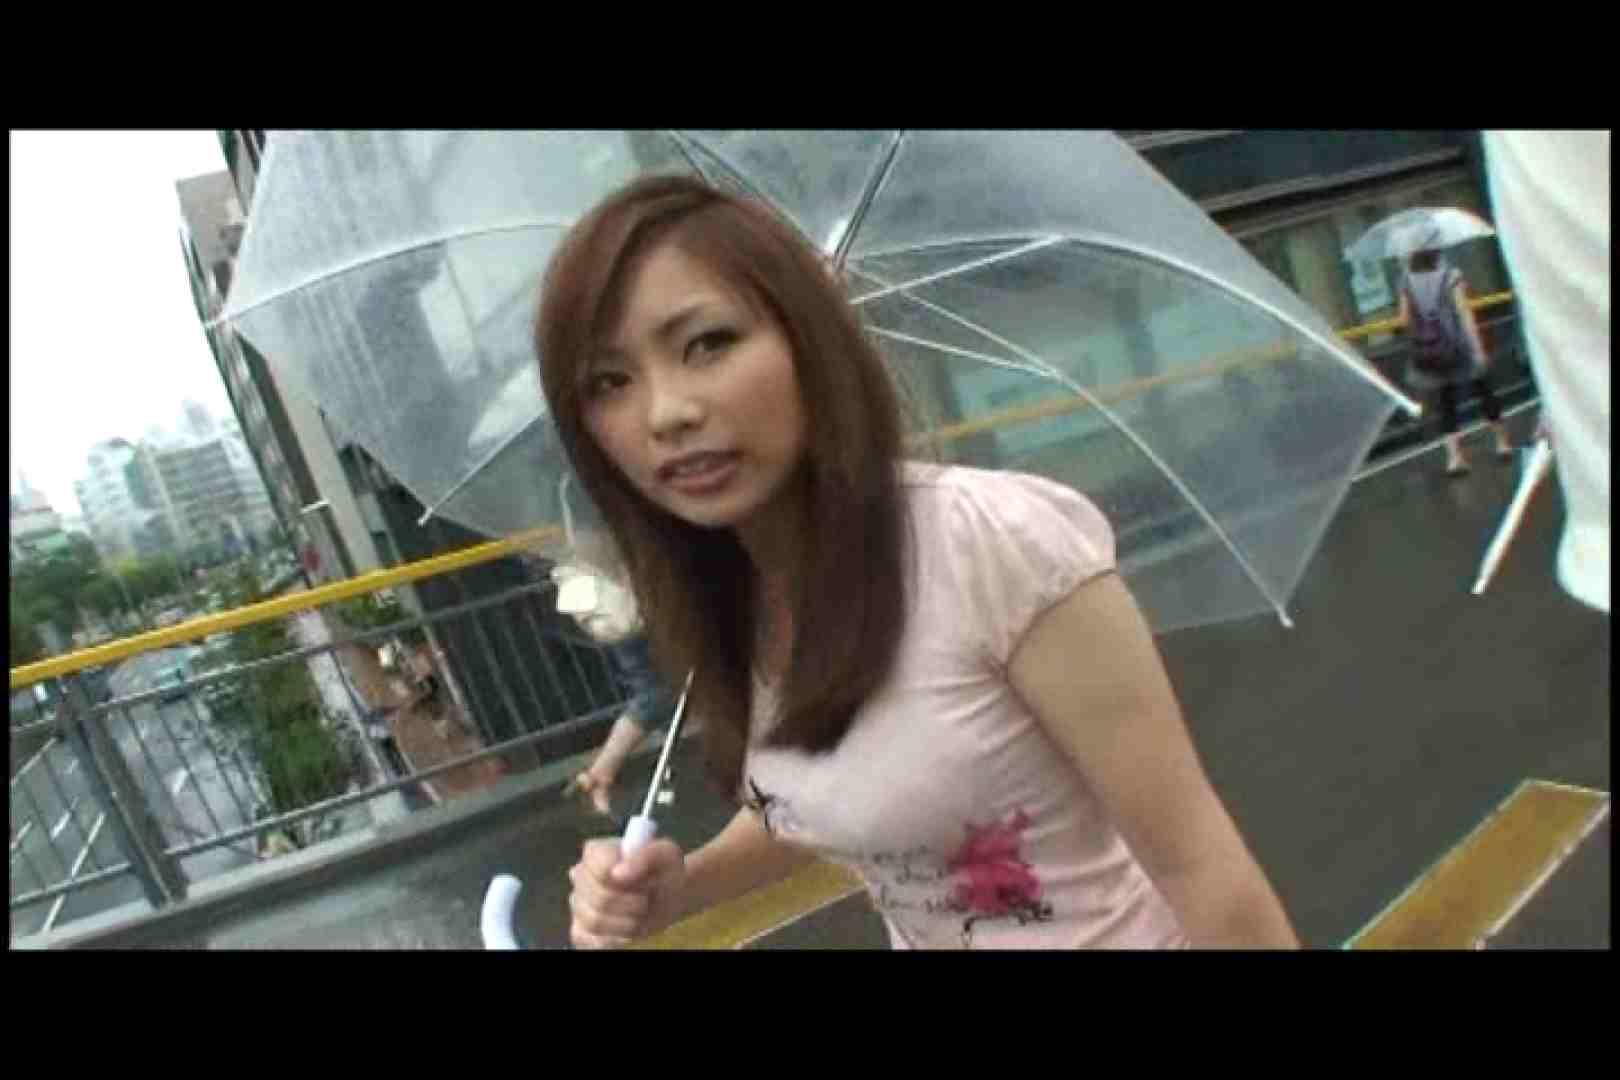 JDハンター全国ツアー vol.052 前編 OLのプライベート   エロカワ女子大生  12pic 1